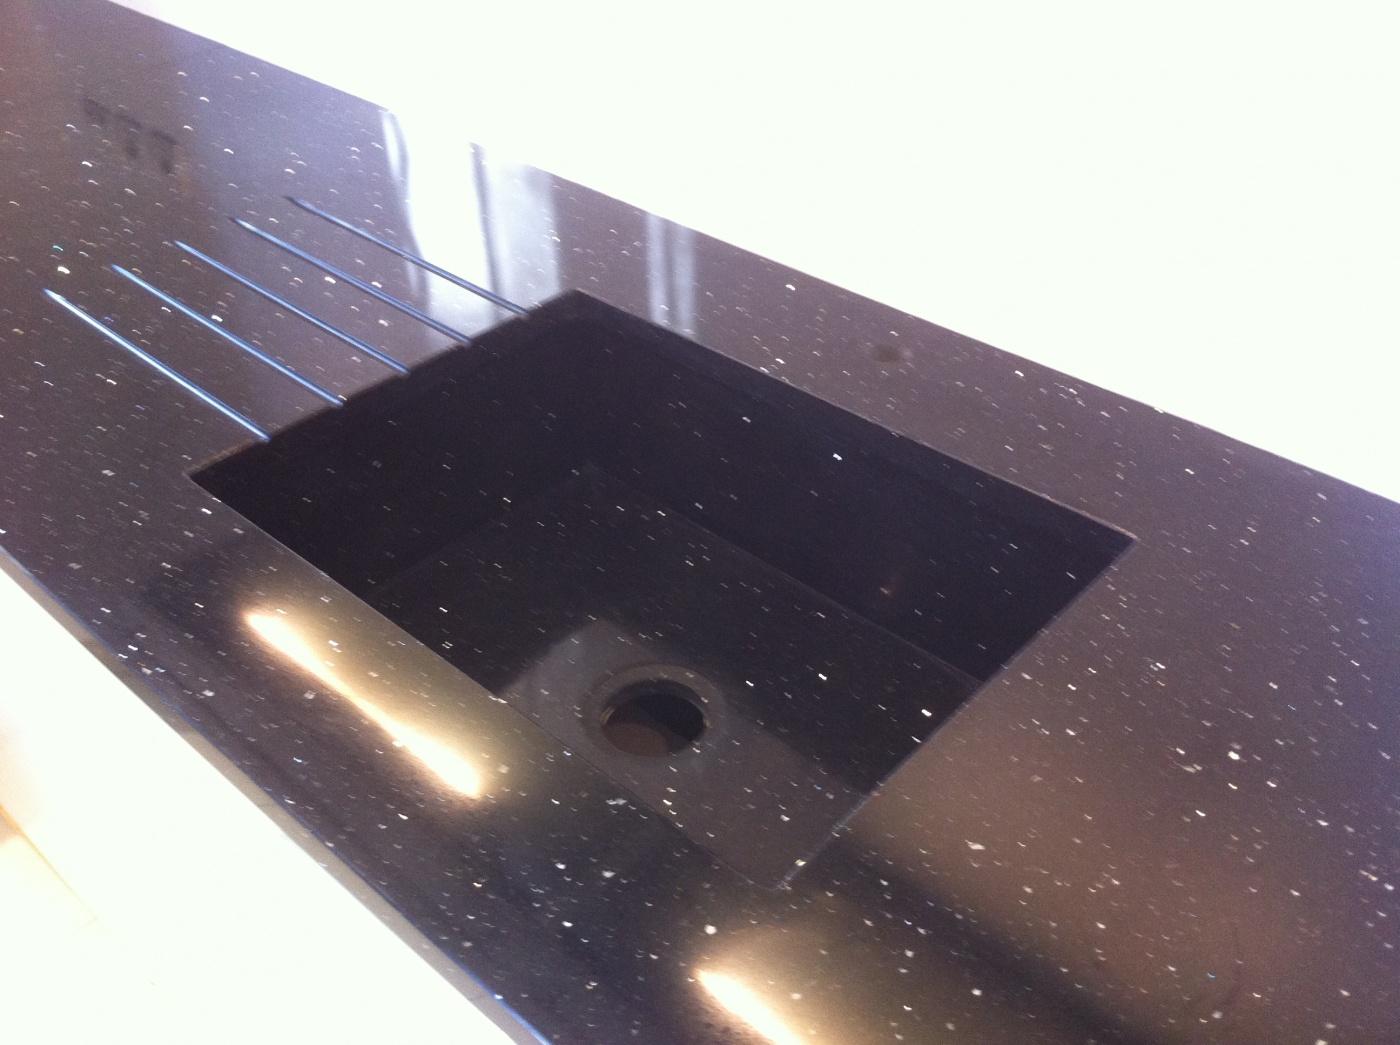 Plan de travail avec vasque intégrée et rainuarage égouttoir en Quartz Negro Luciente (noir à paillette) Projet réalisé à Six Fours Les Plages (83)